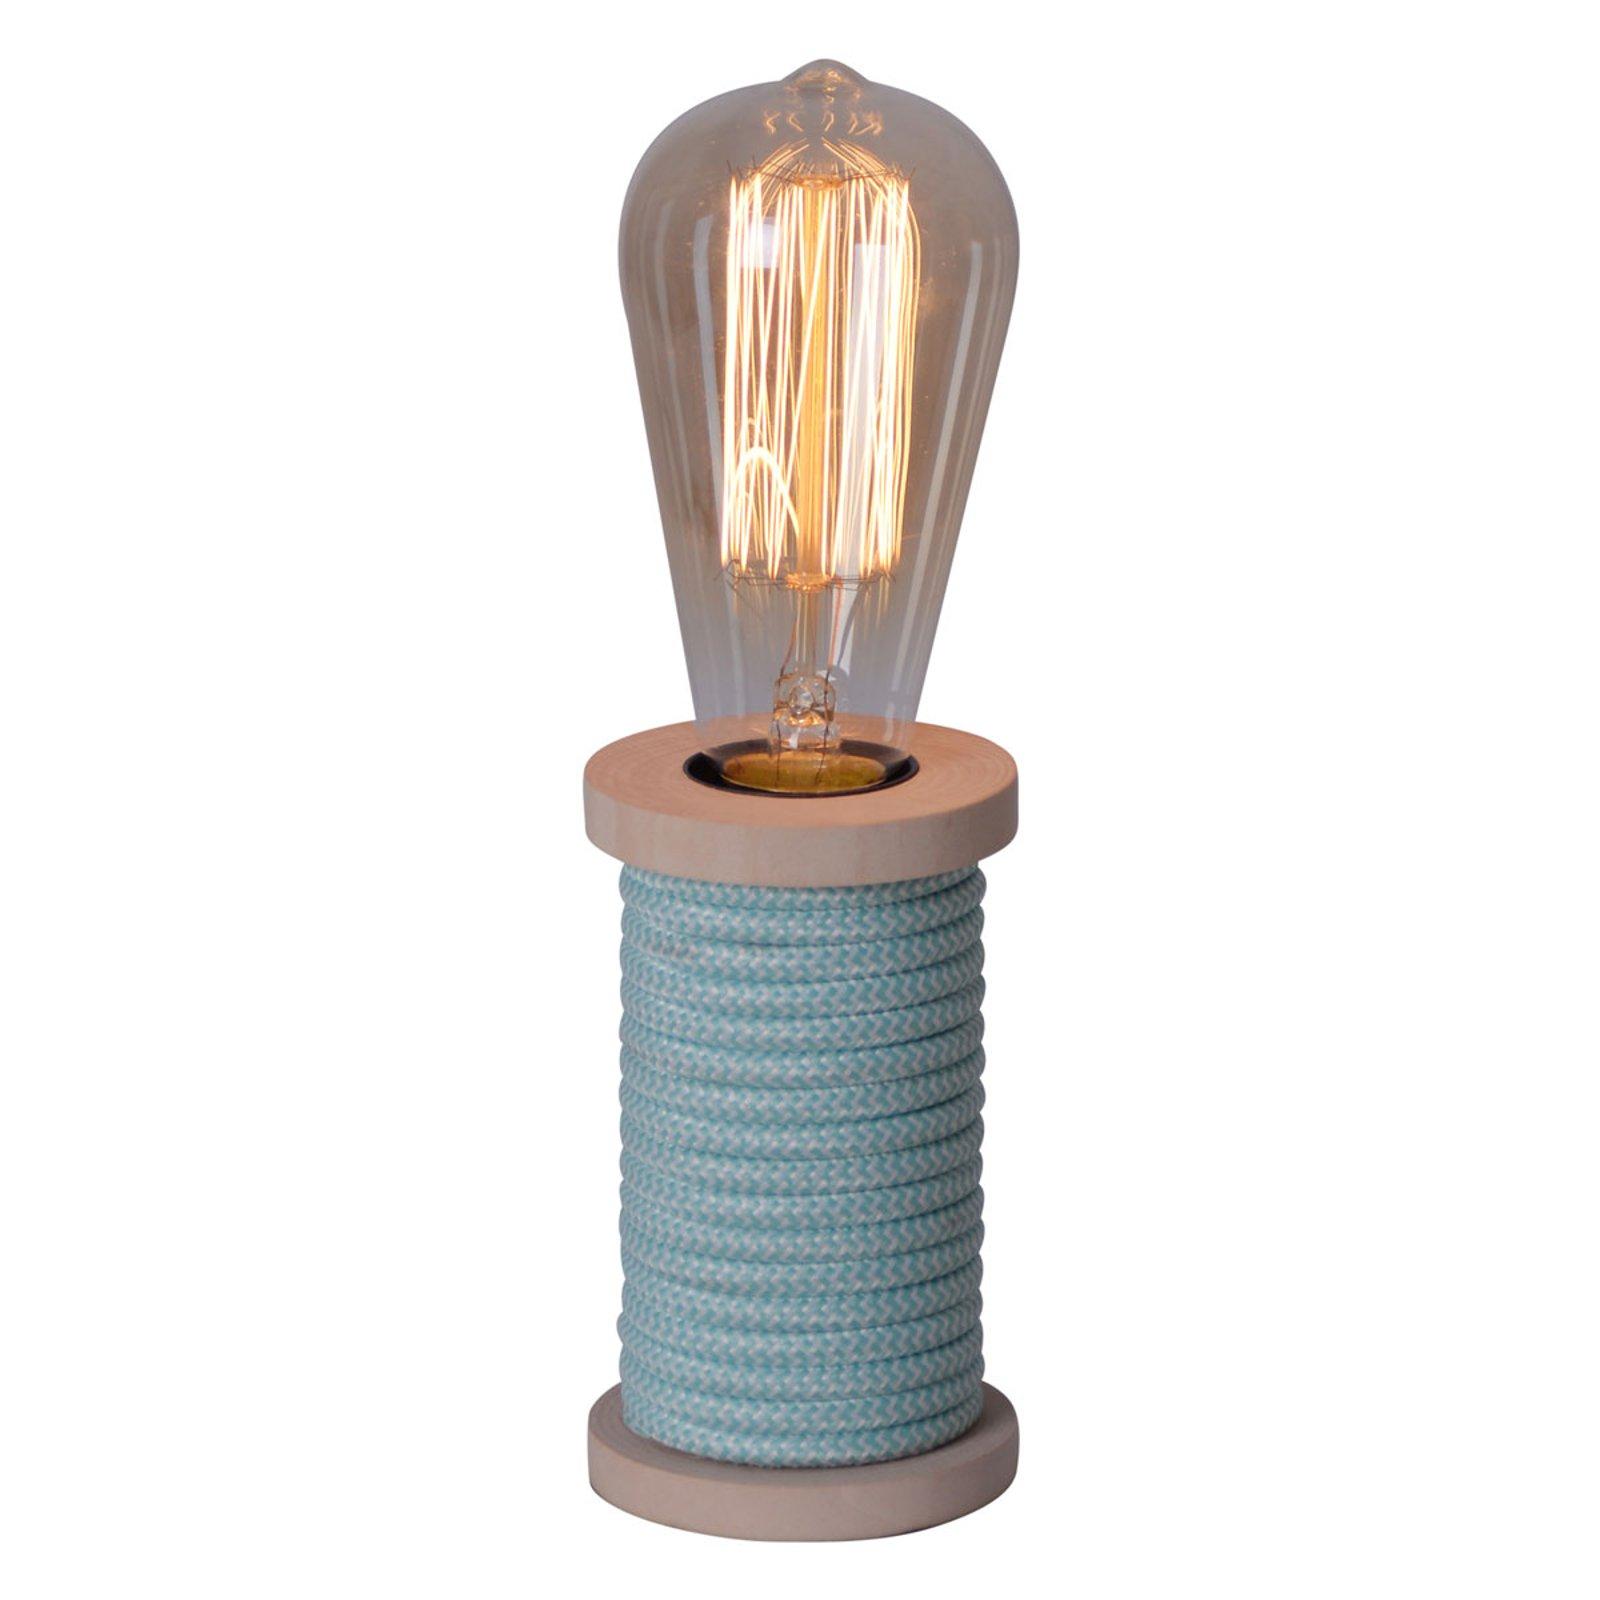 Bordlampe Max med fot i tre blå